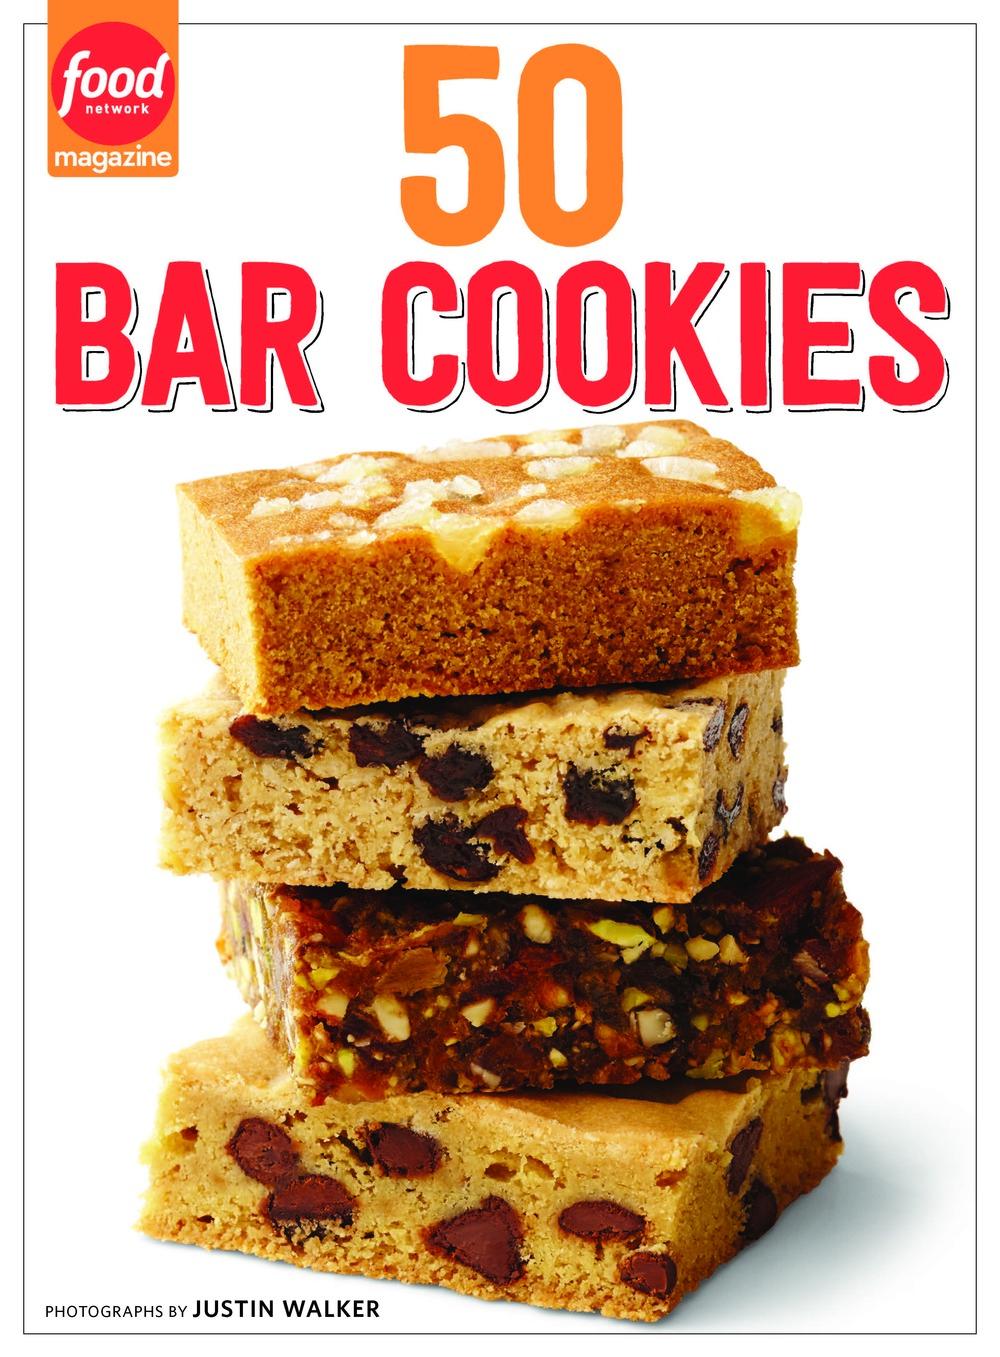 FNM 9.15 Insert 50 Bar Cookies_Page_1.jpg